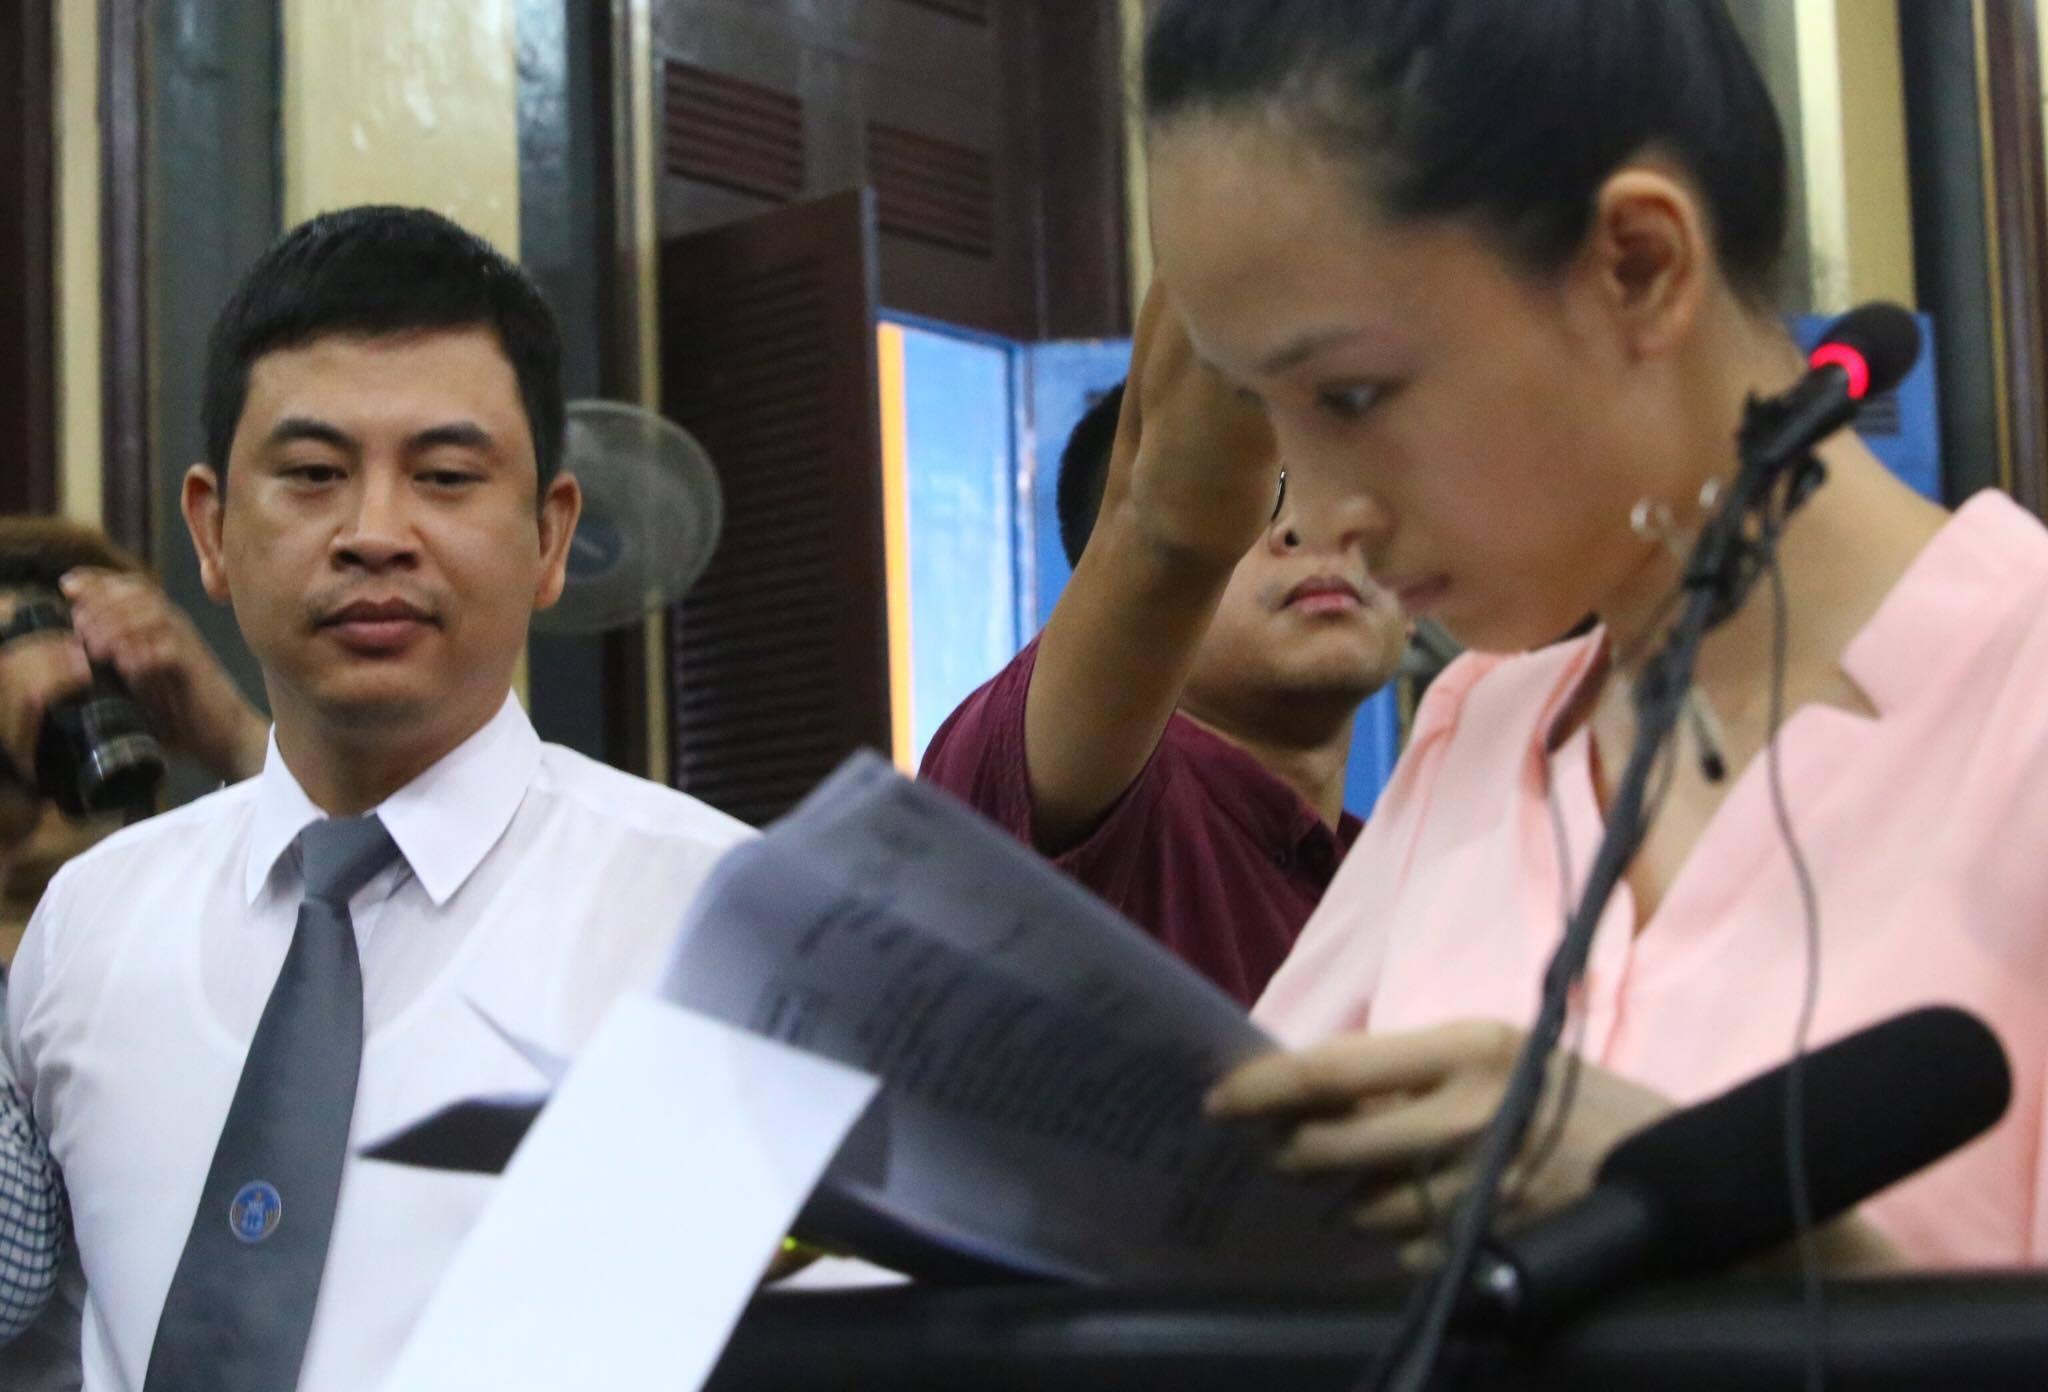 Trương Hồ Phương Nga,hoa hậu Phương Nga,Cao Toàn Mỹ,hợp đồng tình ái